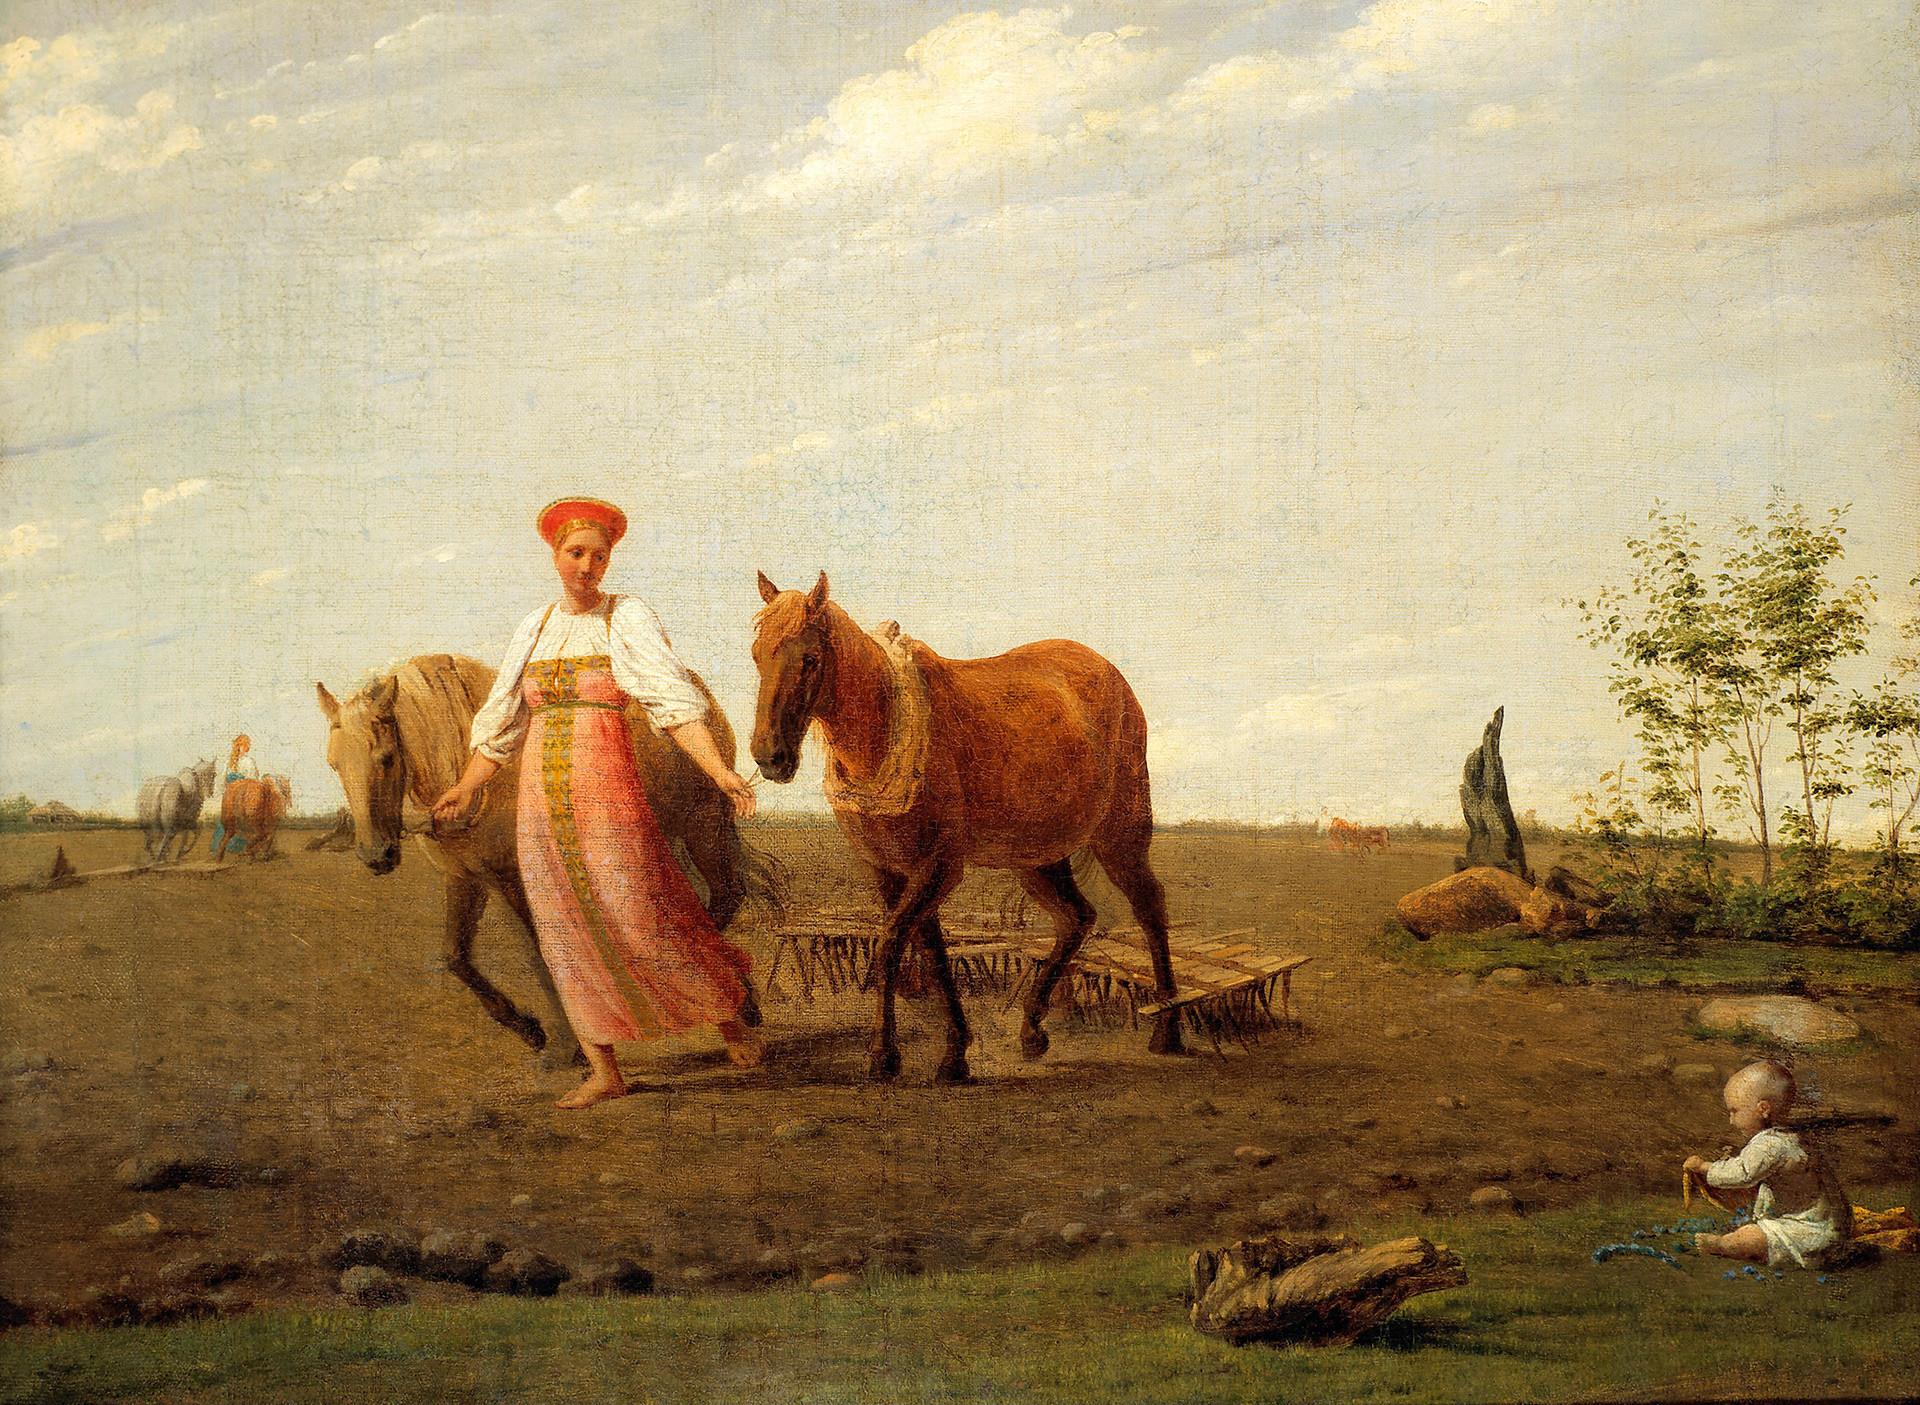 Pomlad, na zorani zemlji, 20. leta 19. stoletja, Aleksej Venecjanov